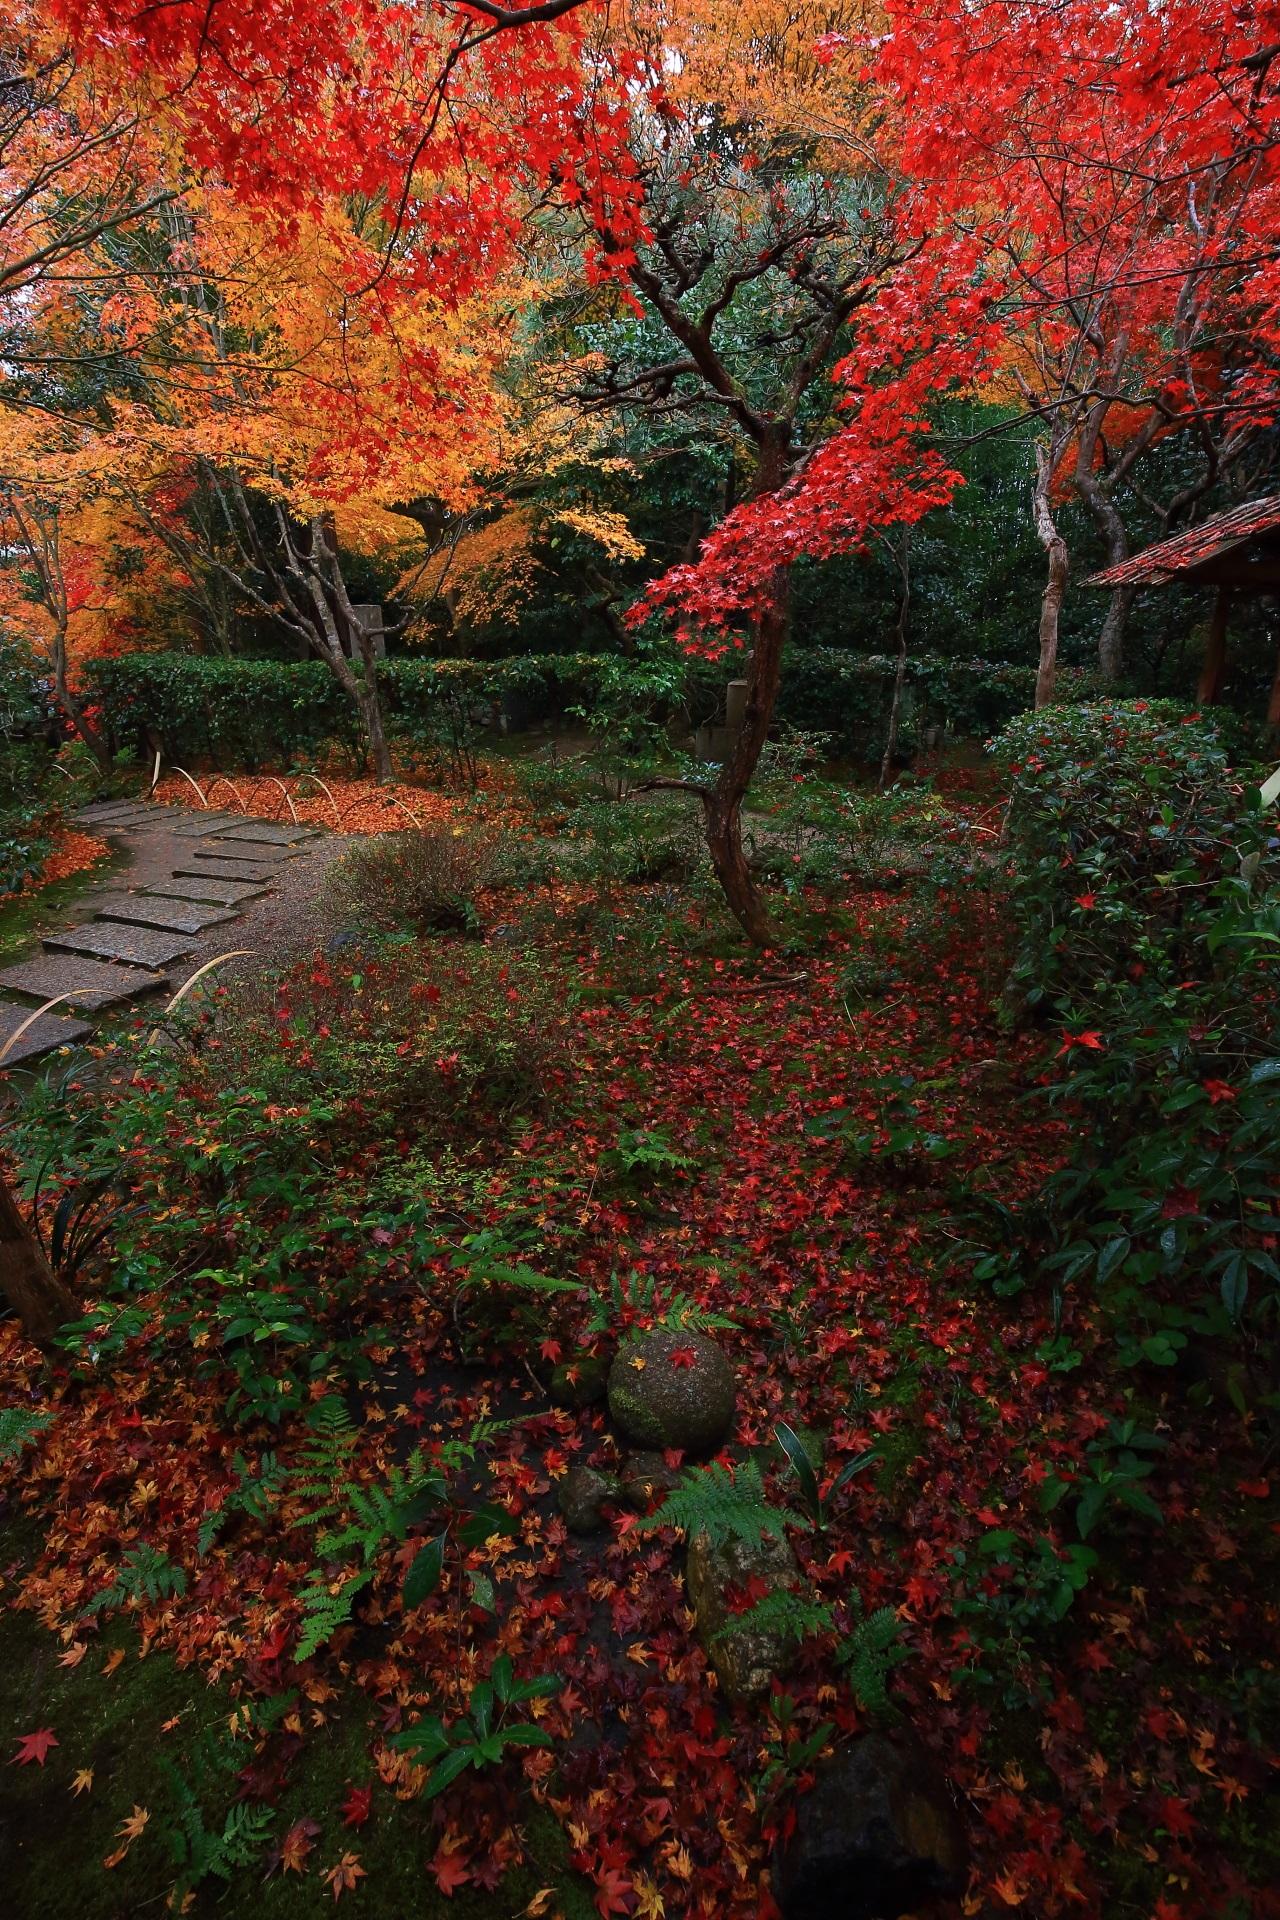 厭離庵の豪快な紅葉と雨で潤う散りもみじ